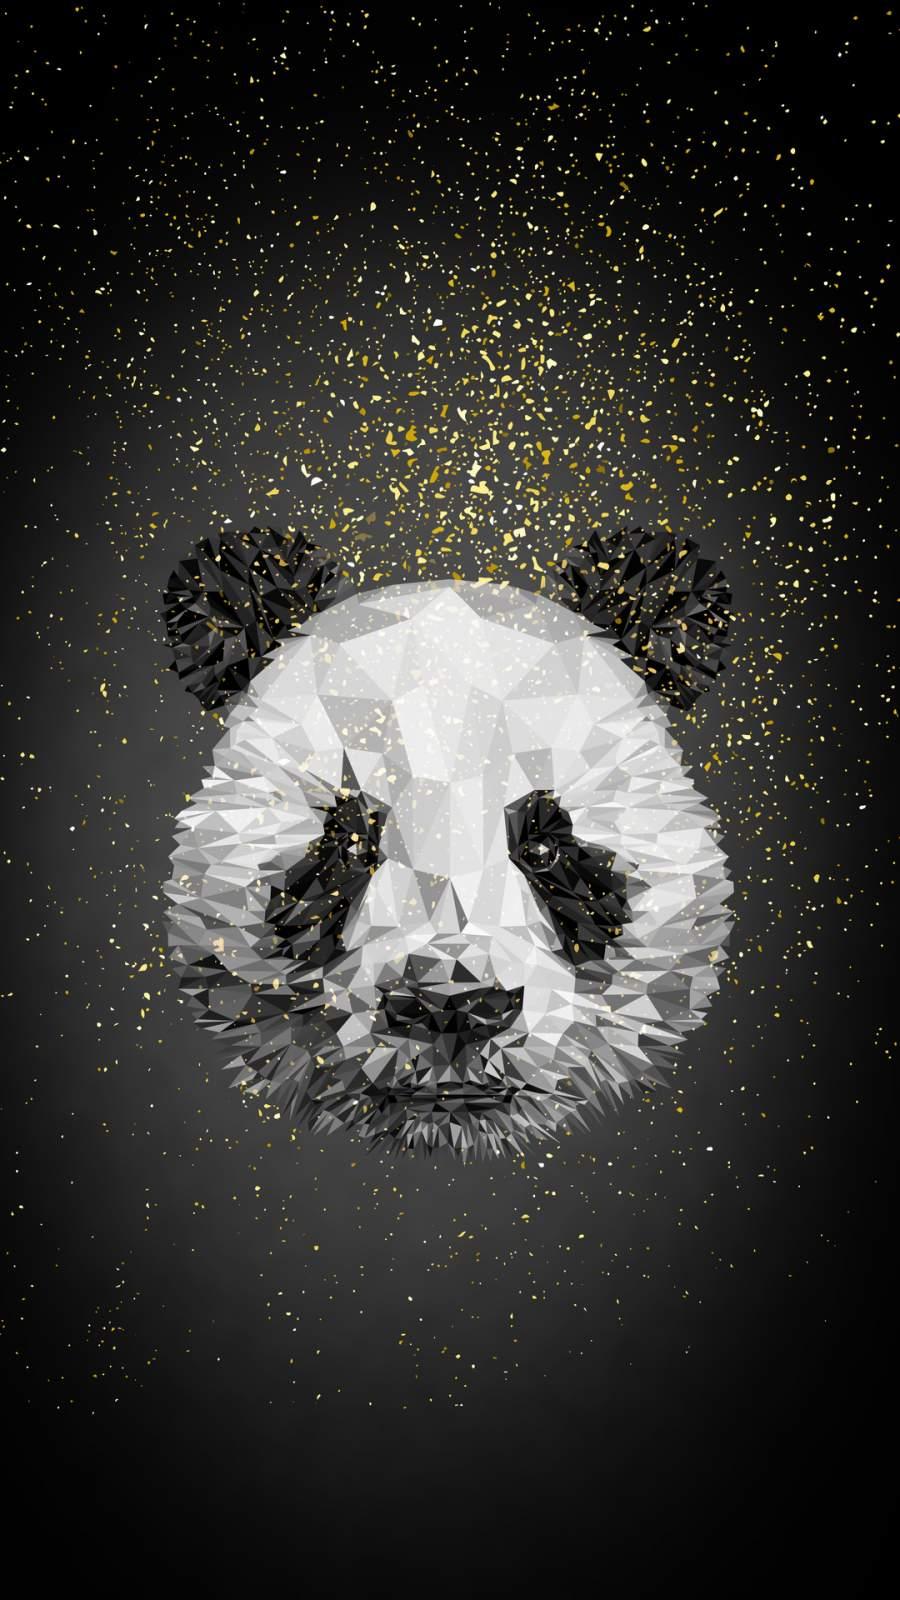 Panda Low Poly iPhone Wallpaper